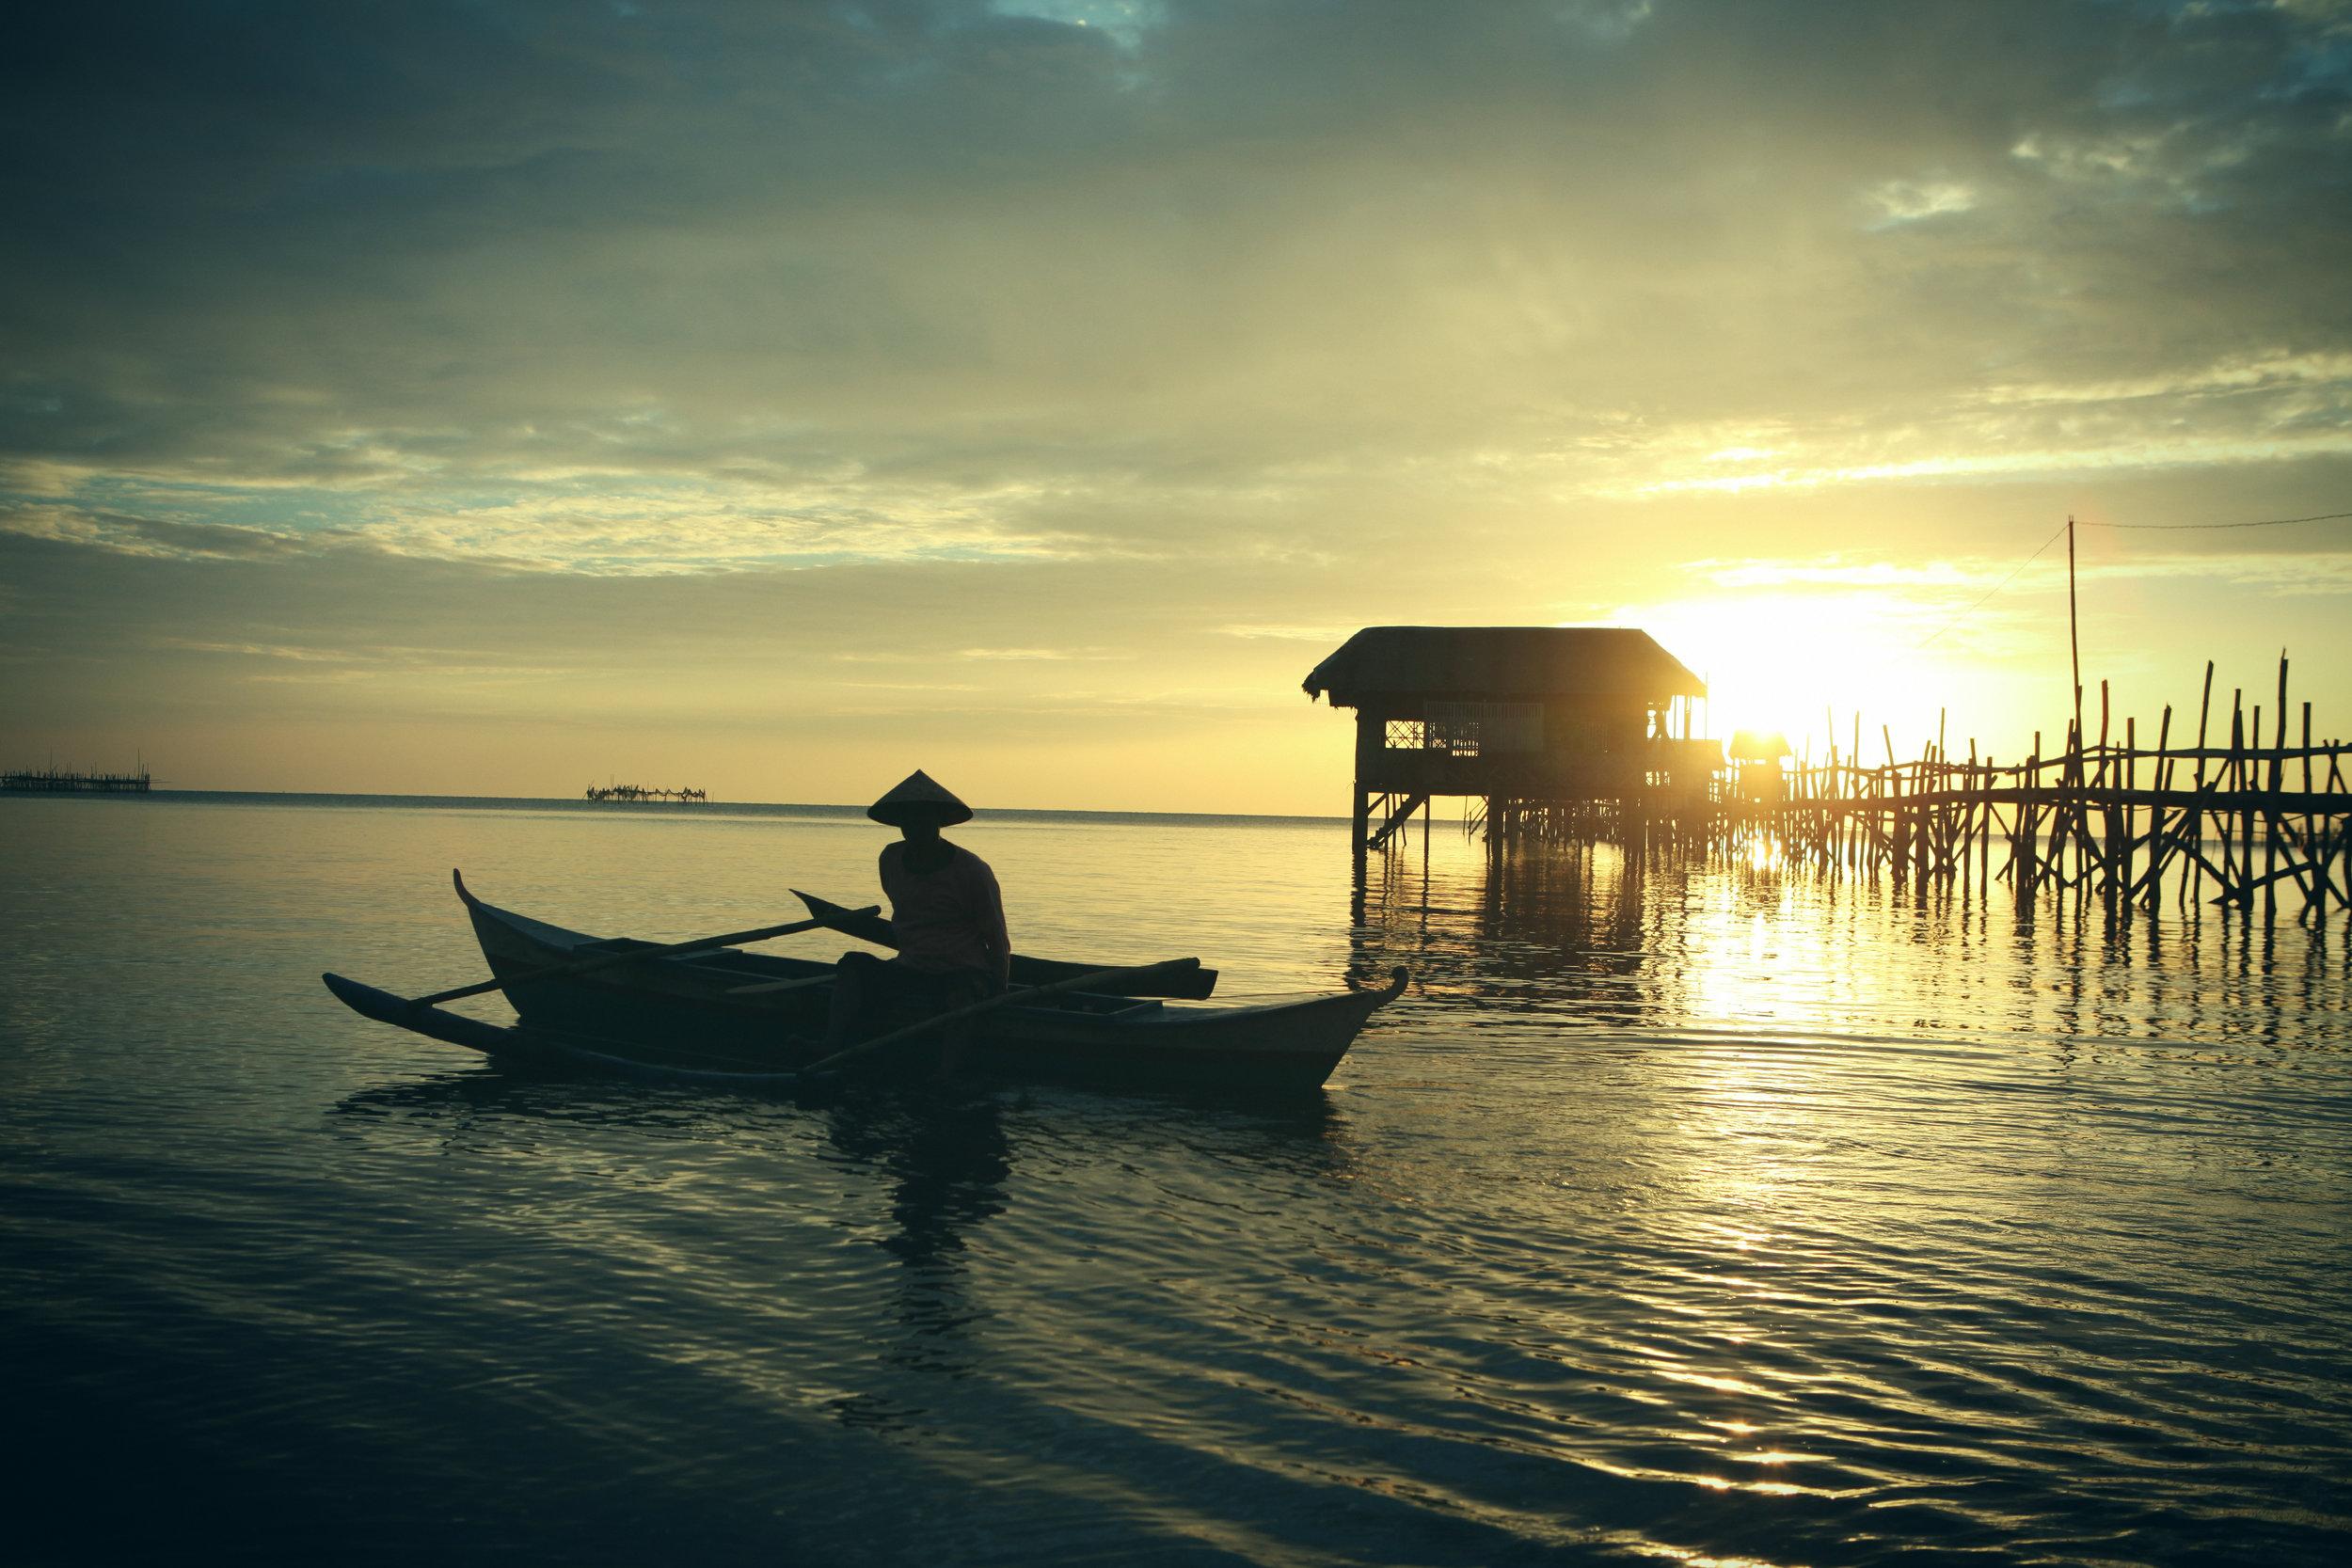 Philippines Season: November - April   Manila / Palawan / Coron / Boracay / Banaue / diving / snorkeling / sailing / surfing / island hopping / hang with the locals